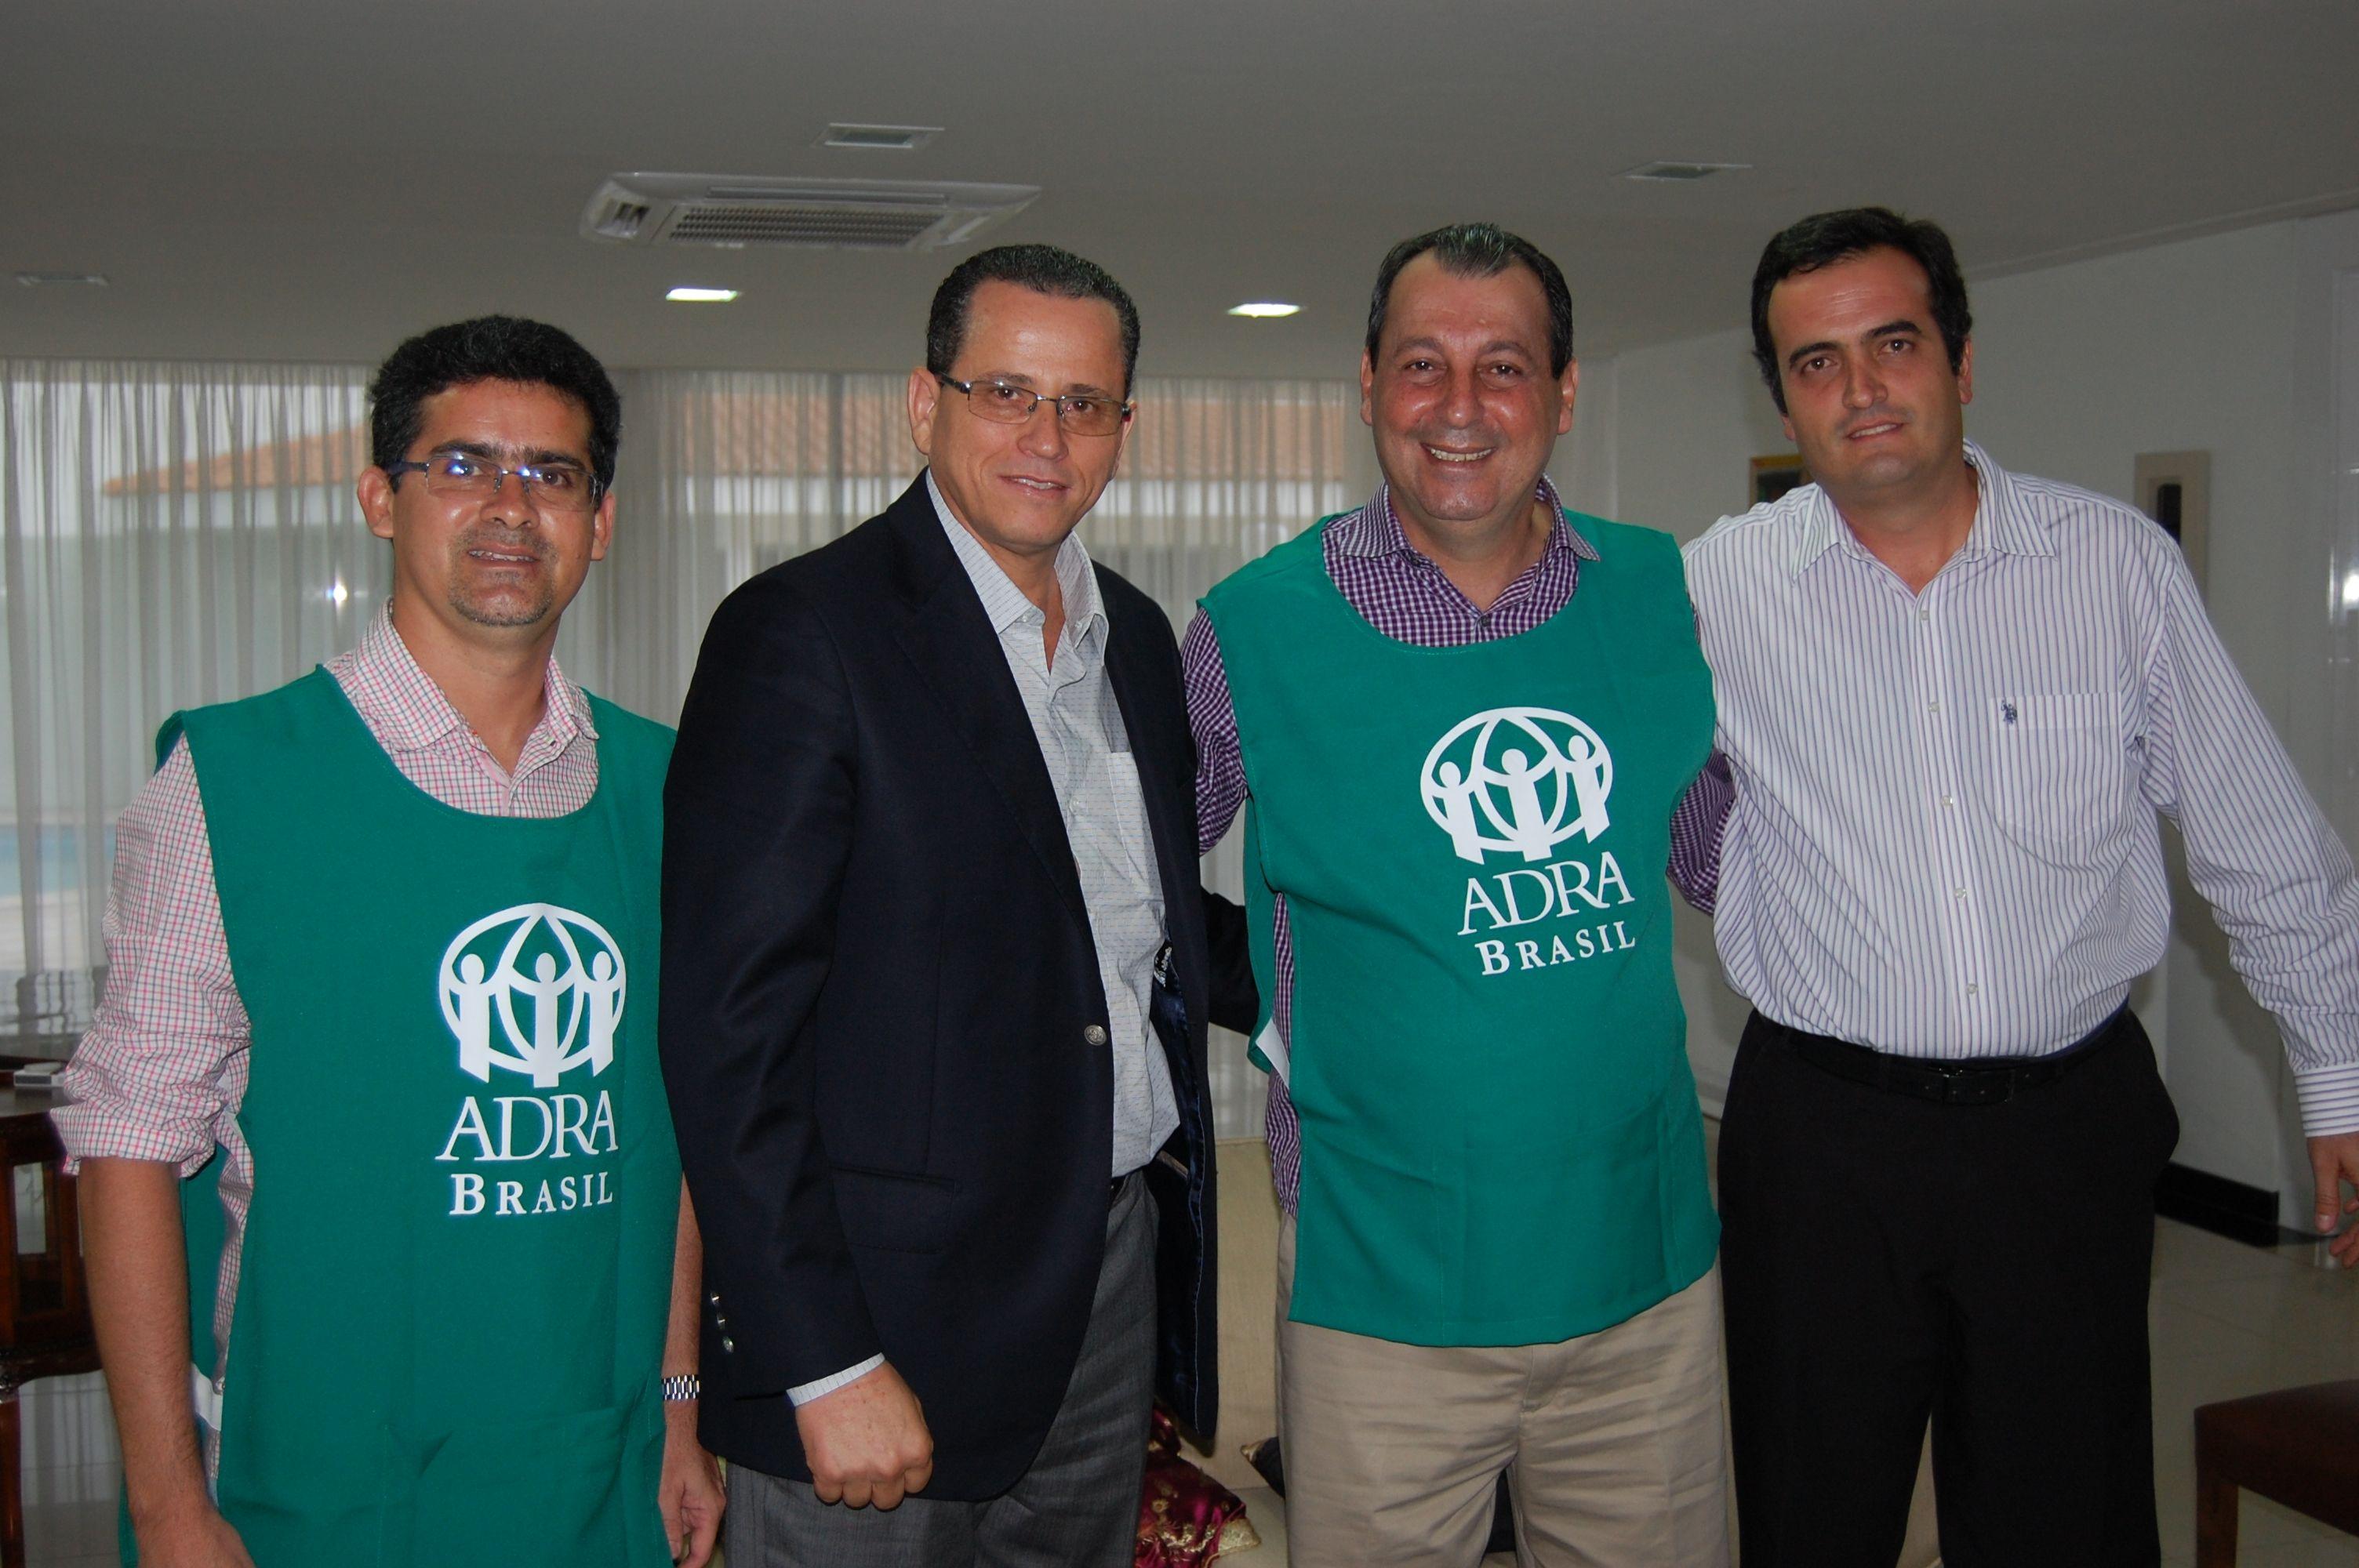 Governador do Amazonas (terceiro da esquerda para direita) vestiu jaleco da ADRA durante visita de líderes